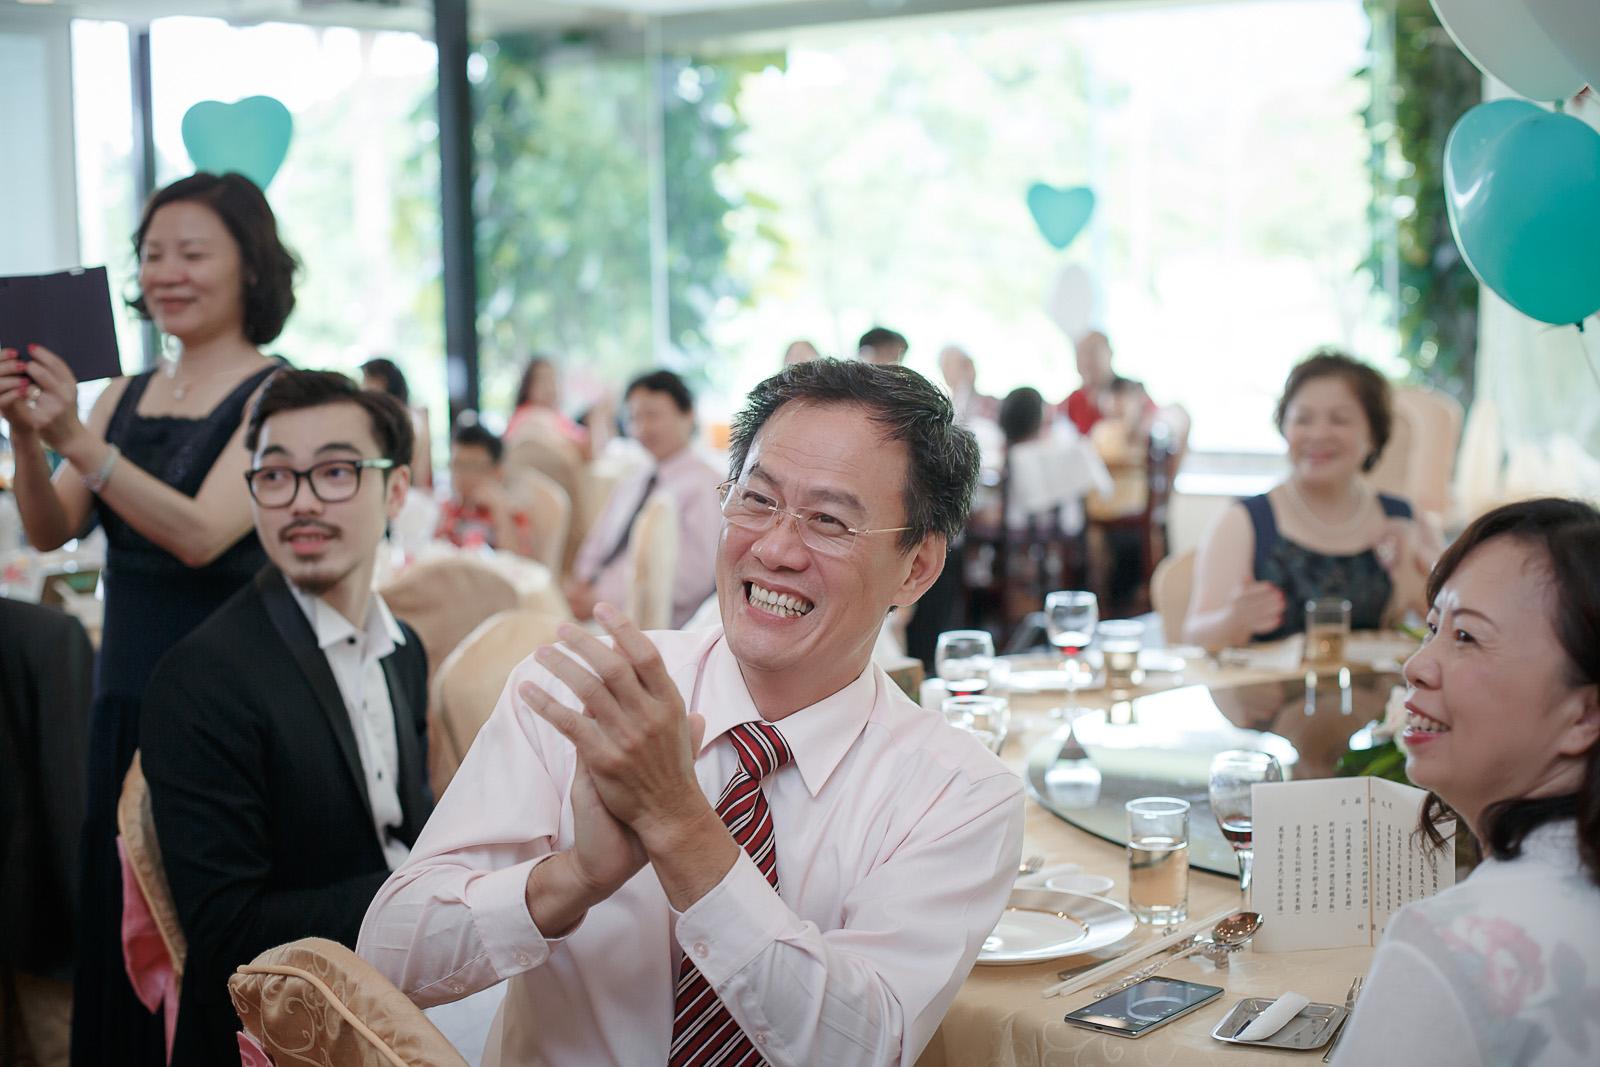 鴻禧山莊明園餐廳,婚禮攝影,婚攝,桃園婚攝,優質婚攝推薦,Jen&Ethan,婚攝伊森